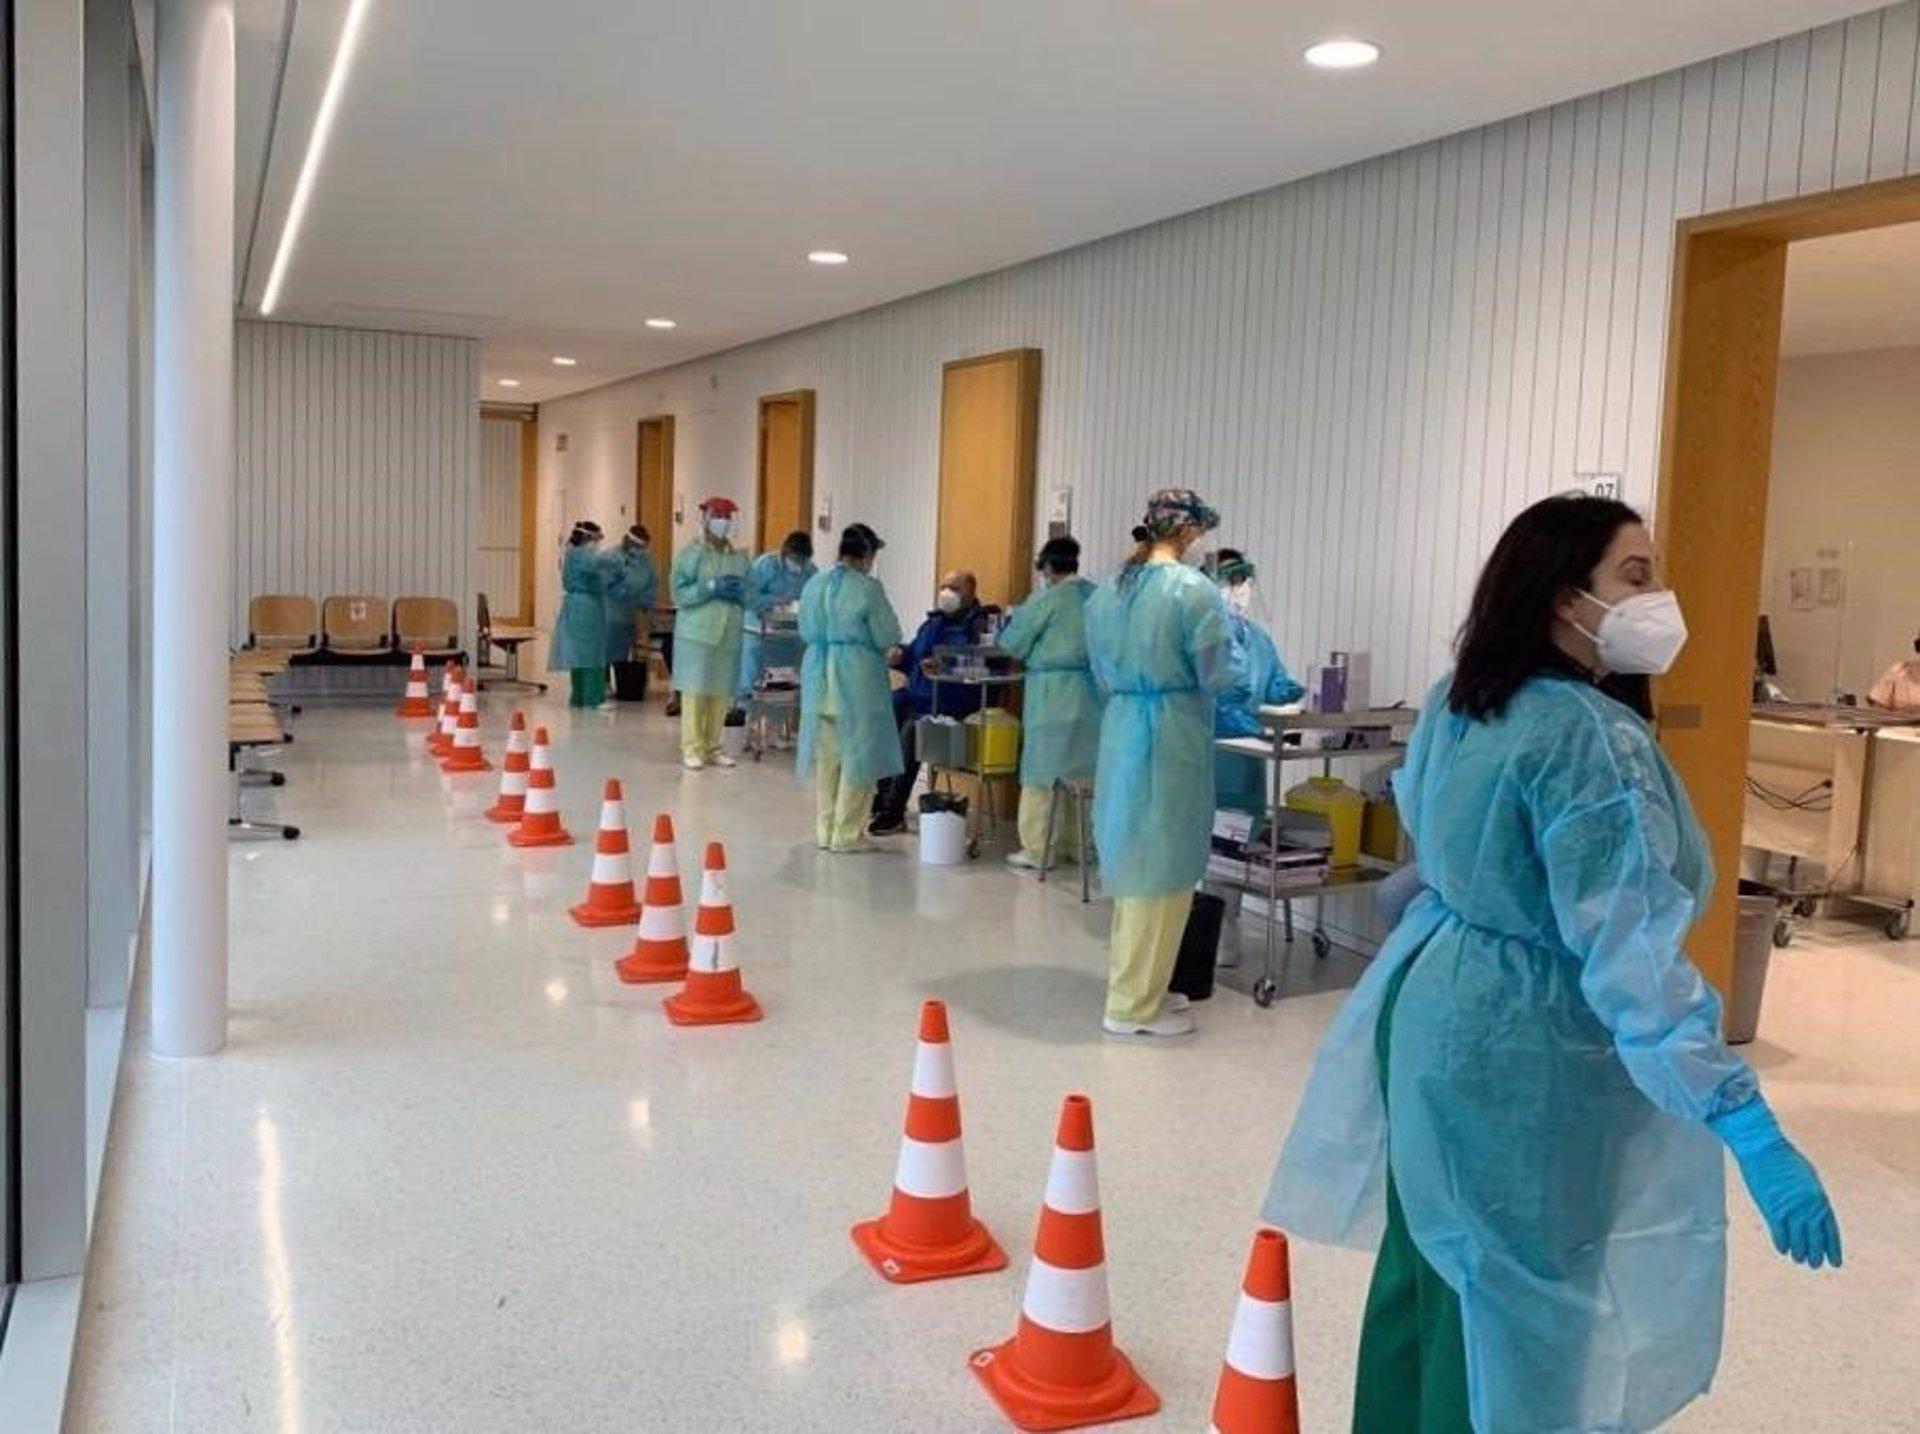 Un cribado para detectar casos de Covid en el área sanitaria de Santiago y Barbanza. SALUD ESPAÑA EUROPA GALICIA ÁREA SANITARIA DE SANTIAGO